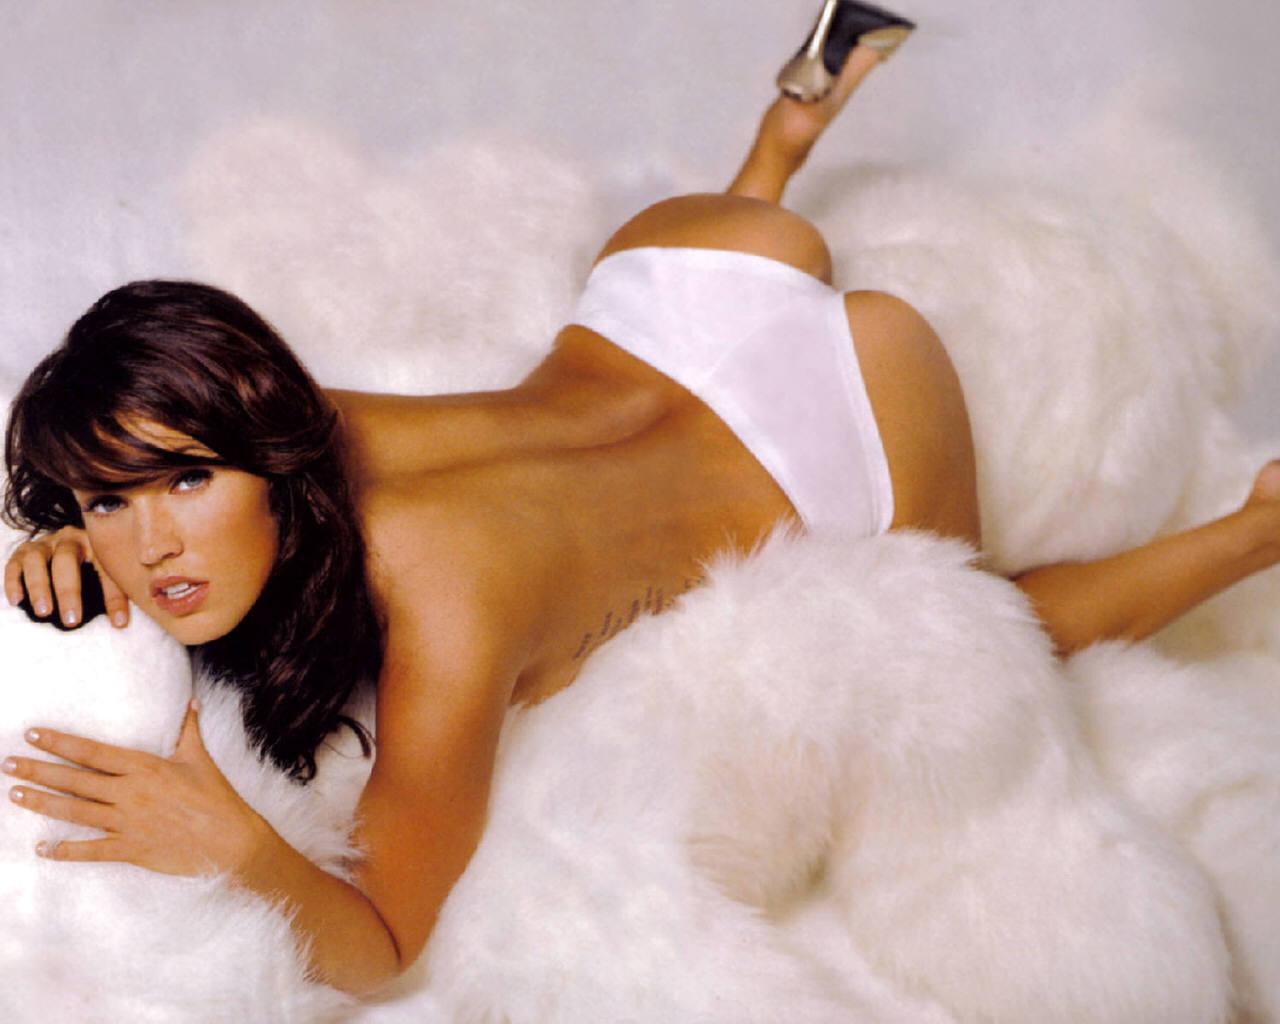 http://2.bp.blogspot.com/-DY8vwQgape8/Tqfo7x-uWfI/AAAAAAAALPg/tPFGu5cqK0w/s1600/Megan_Fox_nude-pose-milf-photo-topless.jpg